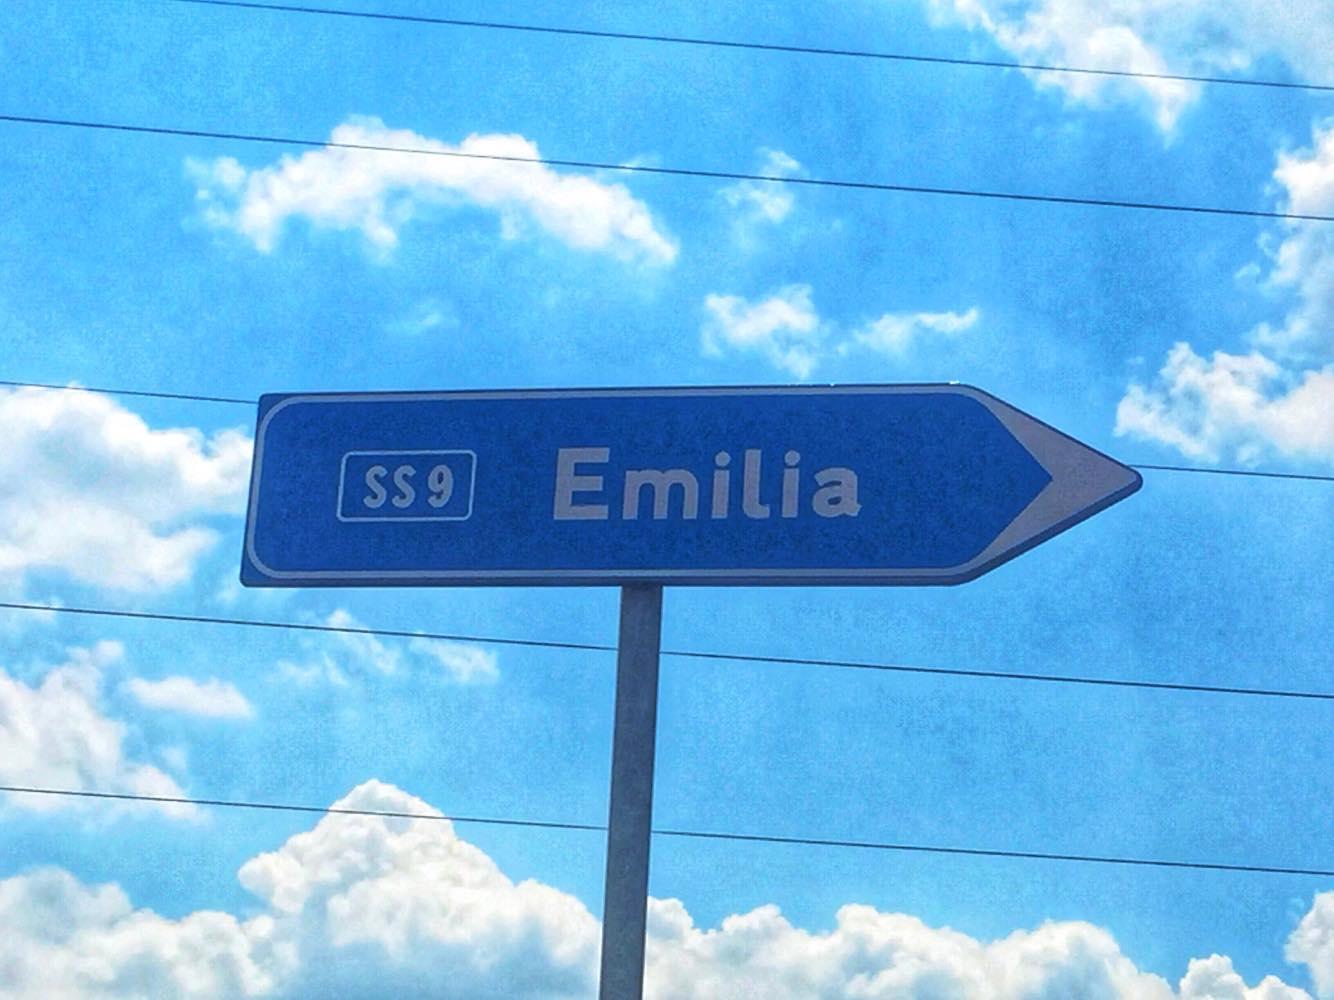 ss-9-via-Emilia